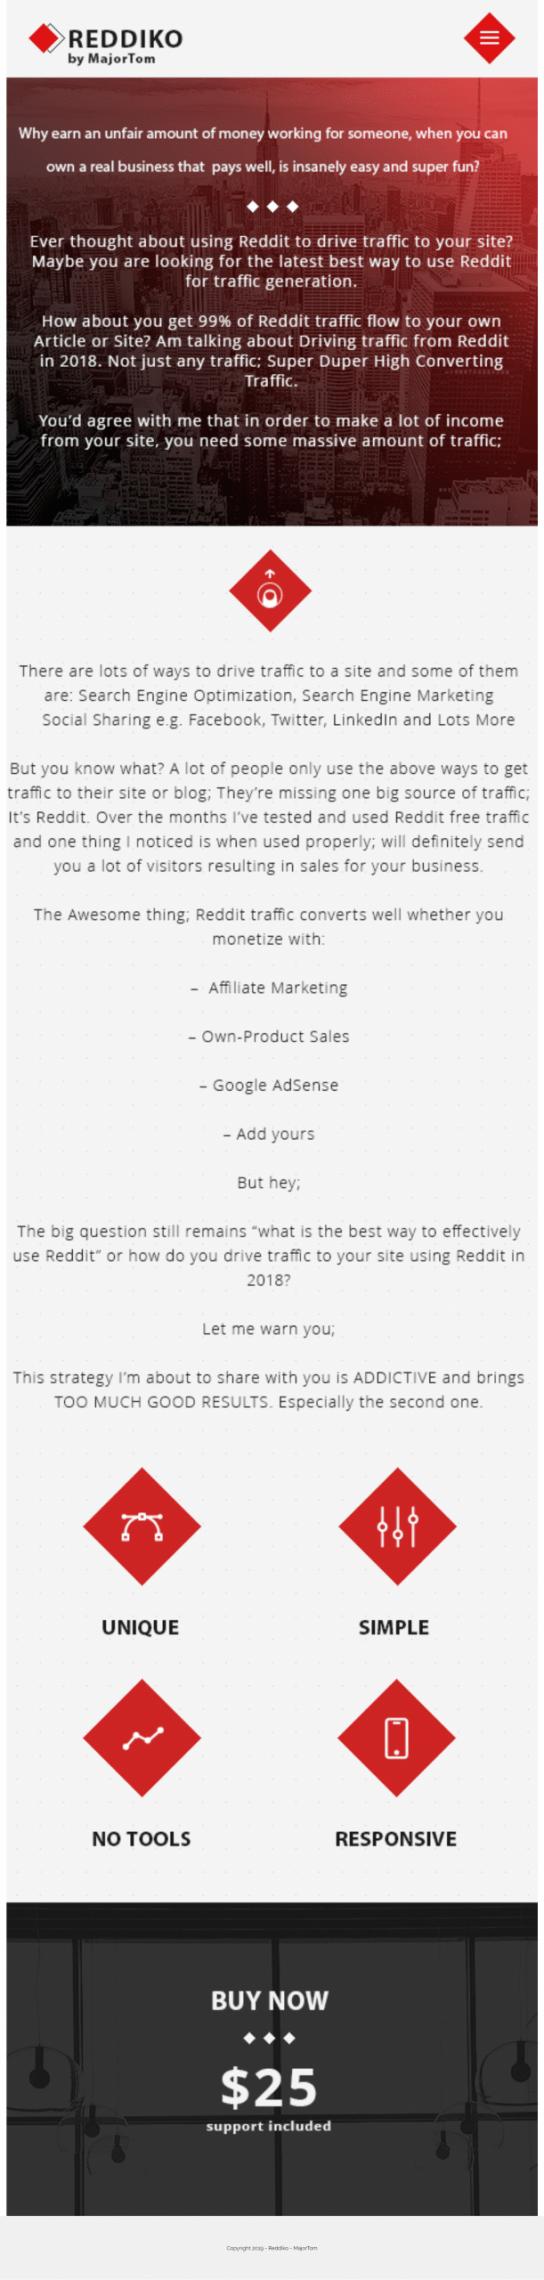 从Reddit上获取流量,不是垃圾流量哦!都是高转换率的流量。(Reddiko )